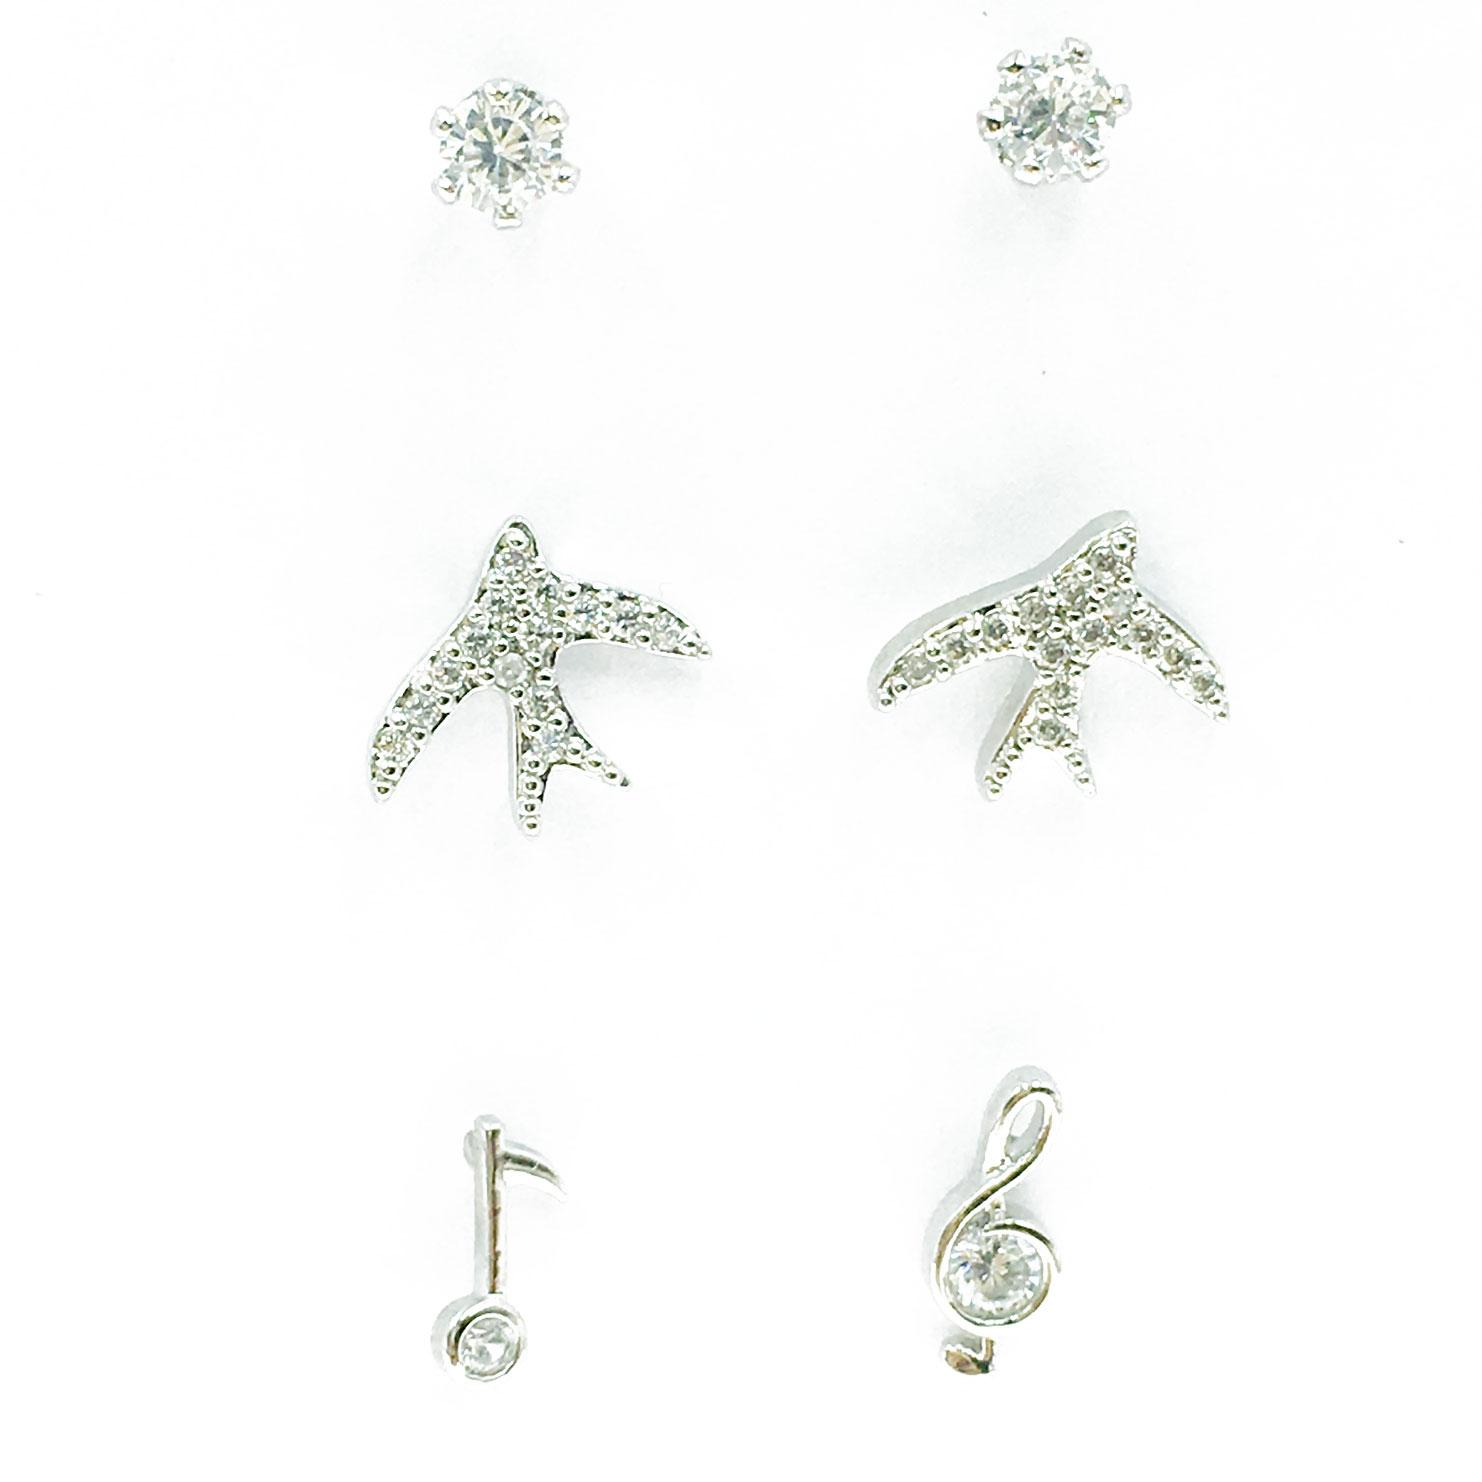 韓國 925純銀 水鑽 音符 燕子 6入組 耳針式 耳環